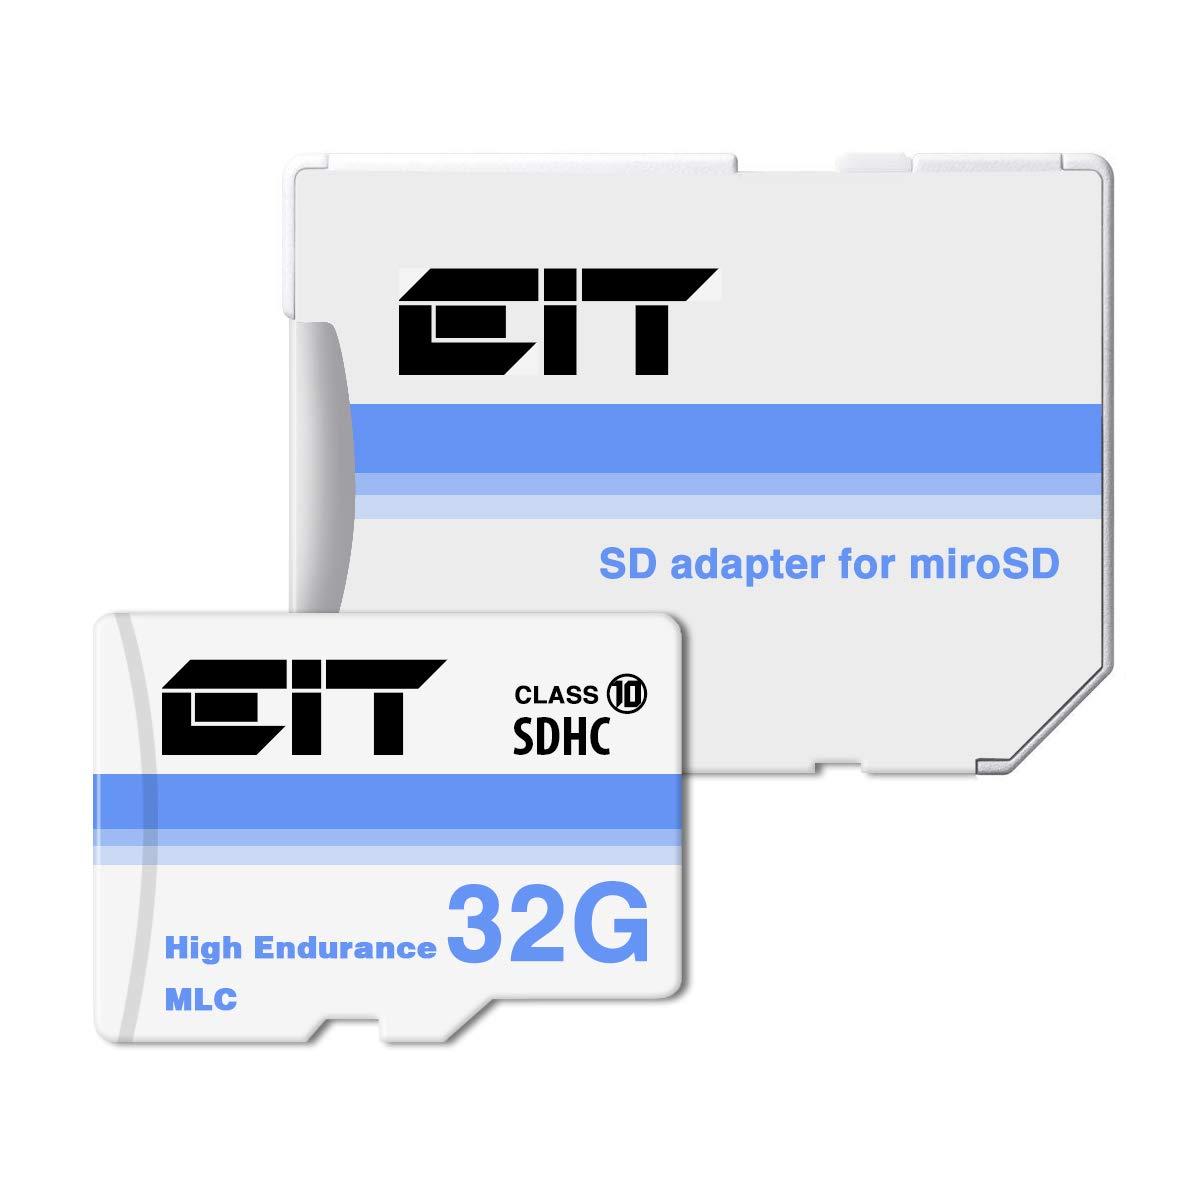 高耐久 microsd カード 32gb class10 ドライブレコーダー 向け メモリ [ MLC フラッシュ採用 ] メモリーカード sdhc マイクロsdカード 防水 純正SDカード 変換アダプタ付き